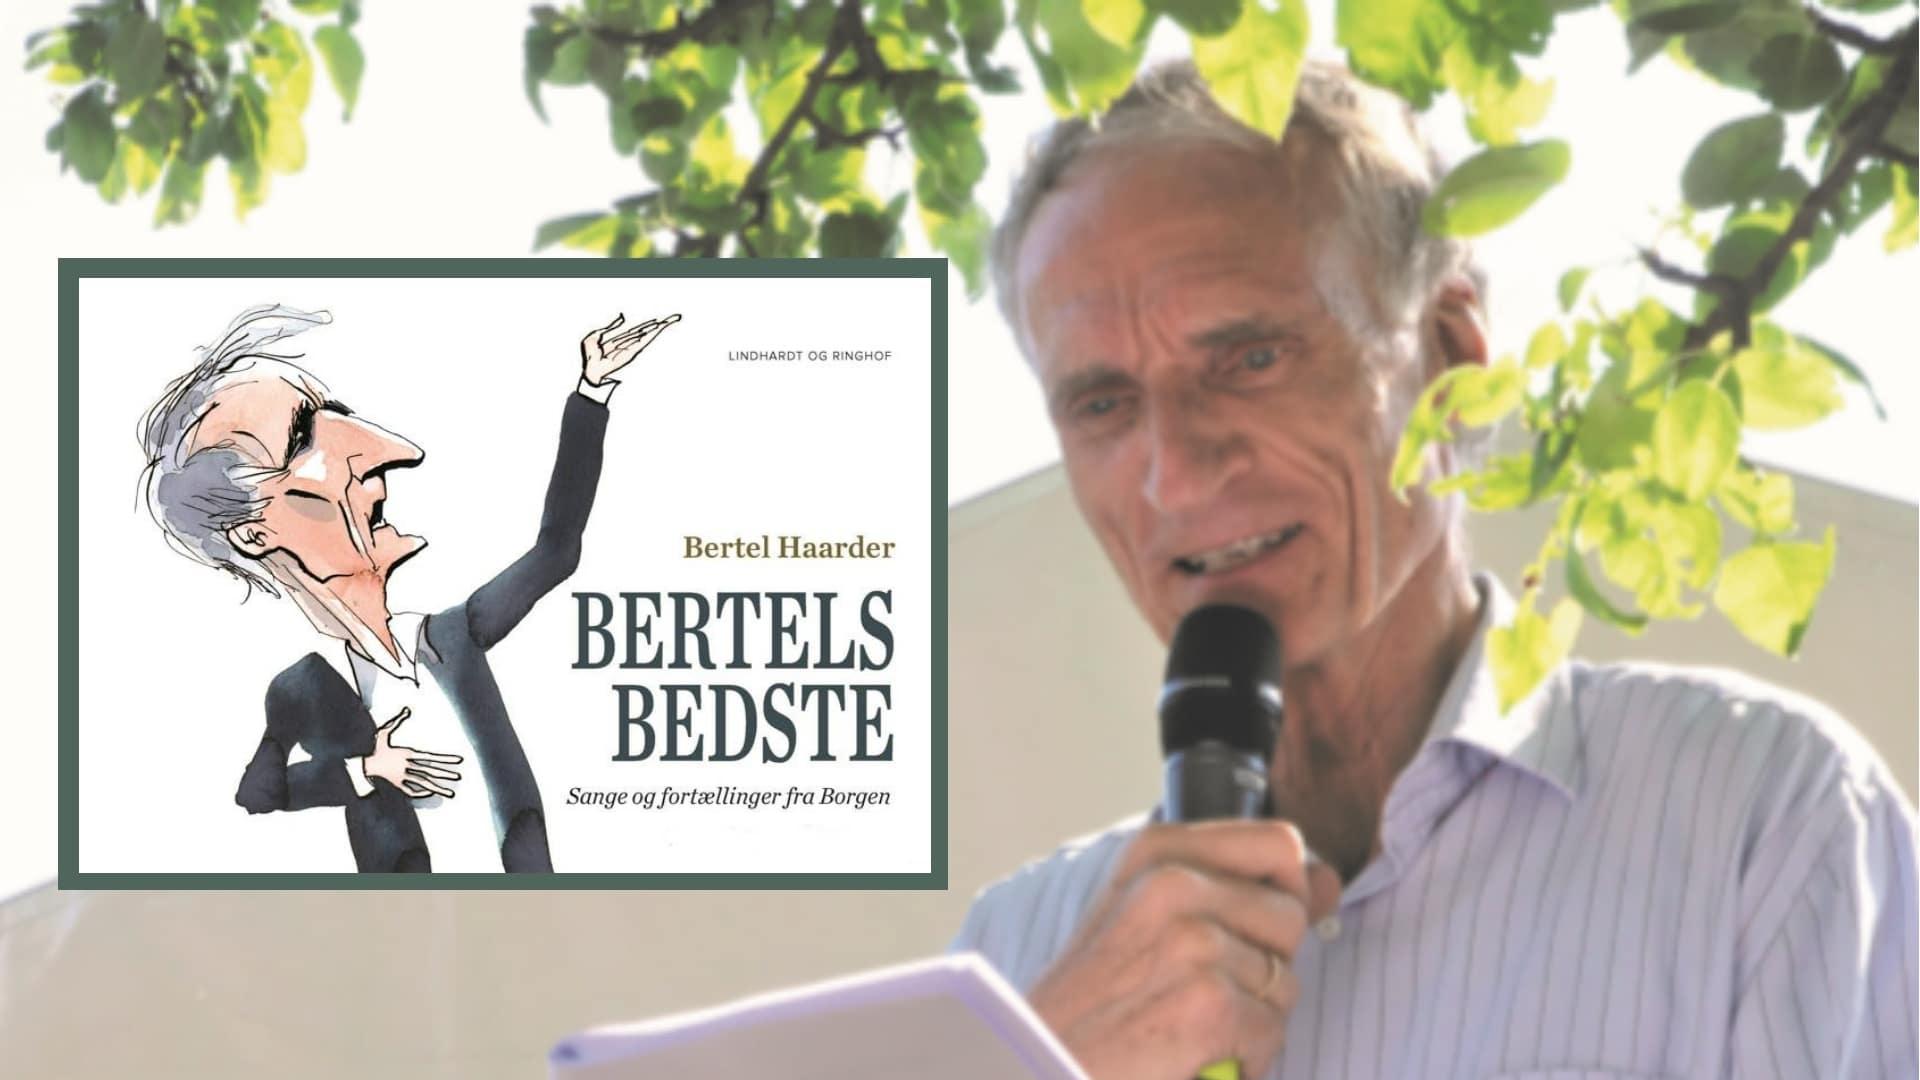 Bertel Haarder, Haarder, Bertel, Bertels bedste, sange, sange og fortællinger fra borgen, Borgen, Christians Borg, Satire, lejlighedssange, festsange, Lars Løkke, Lindhardt og Ringhof, humor,